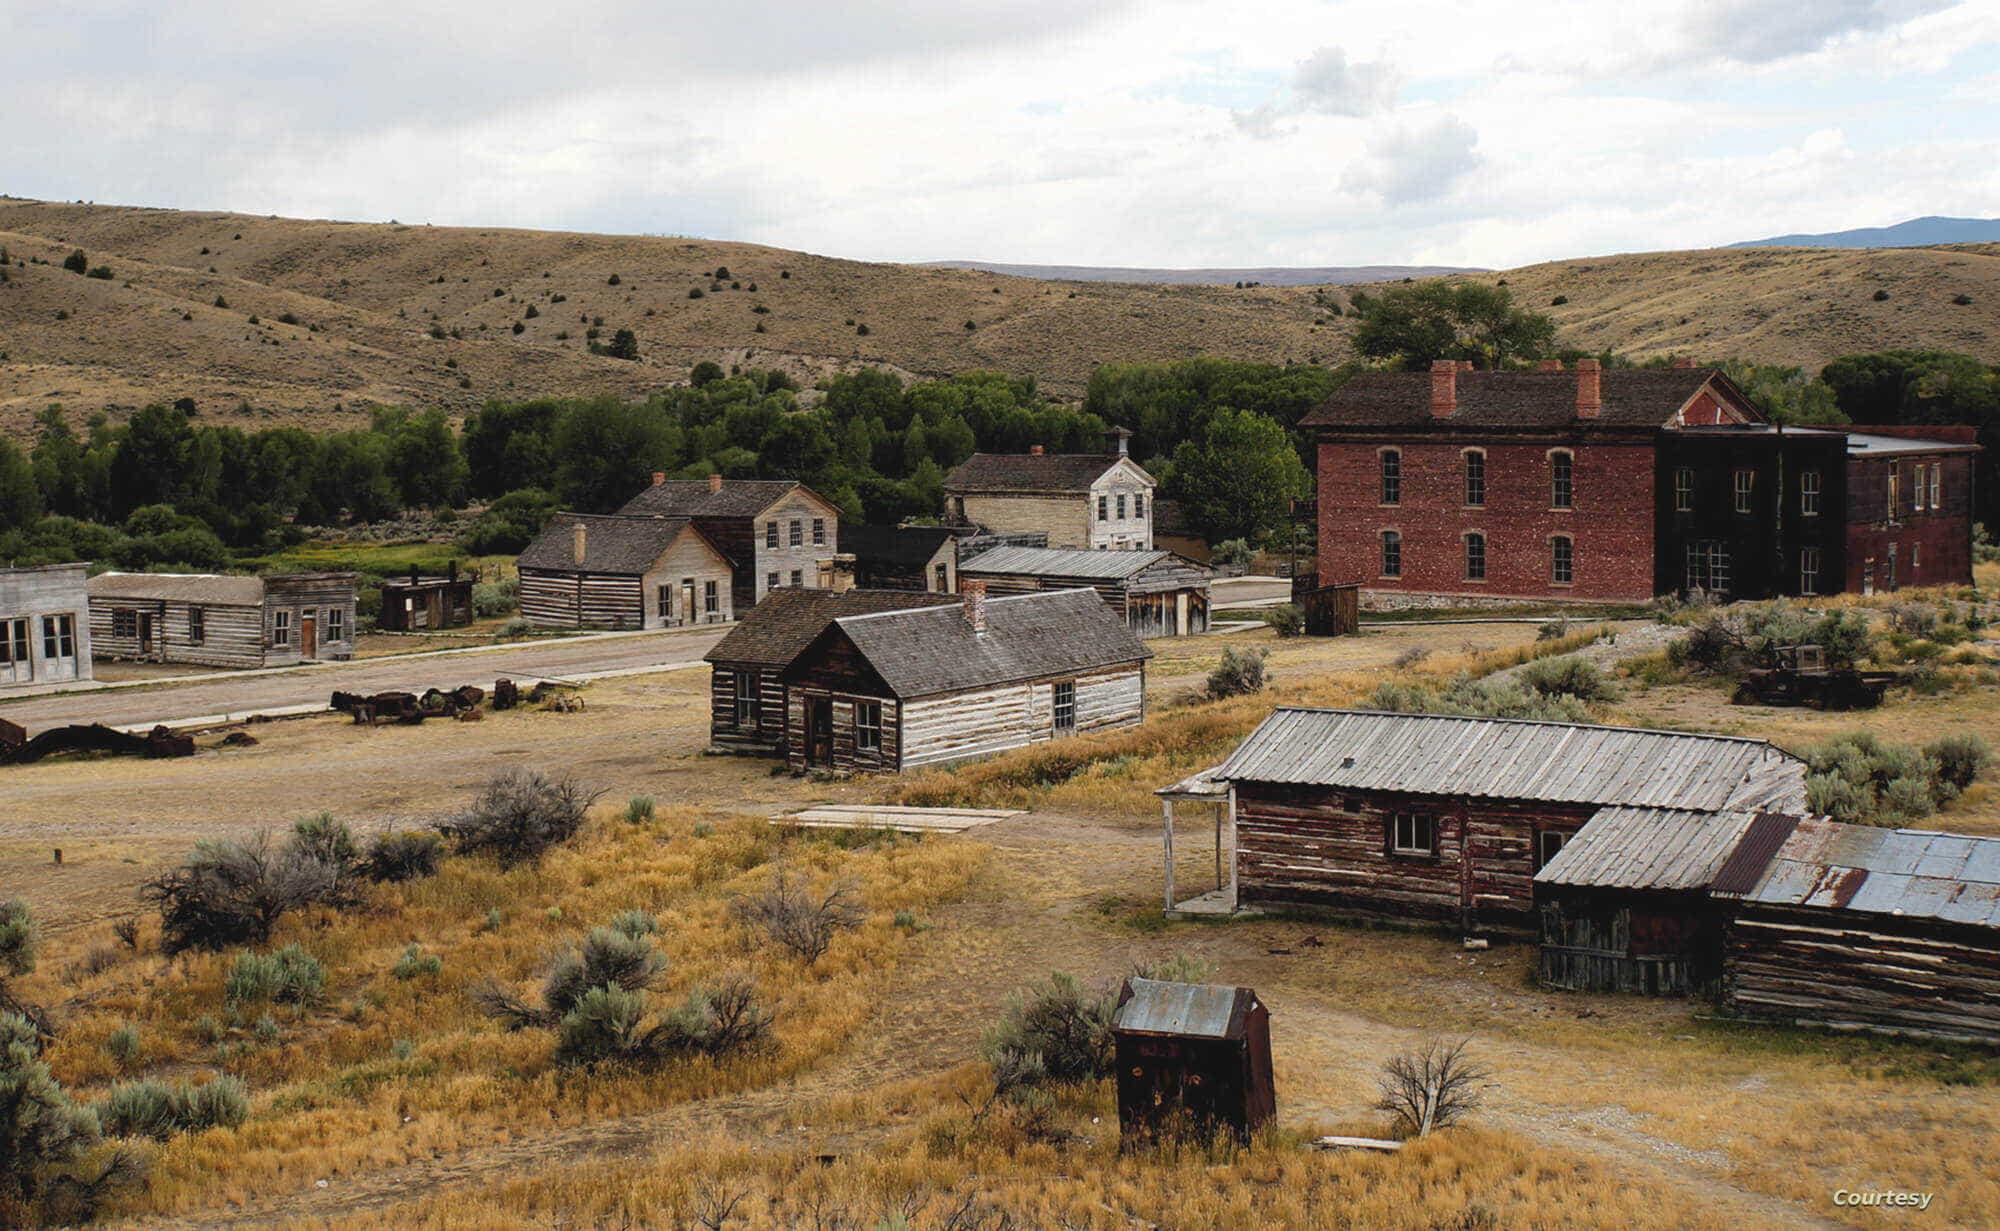 pueblos-fantasmas-en-Nevada